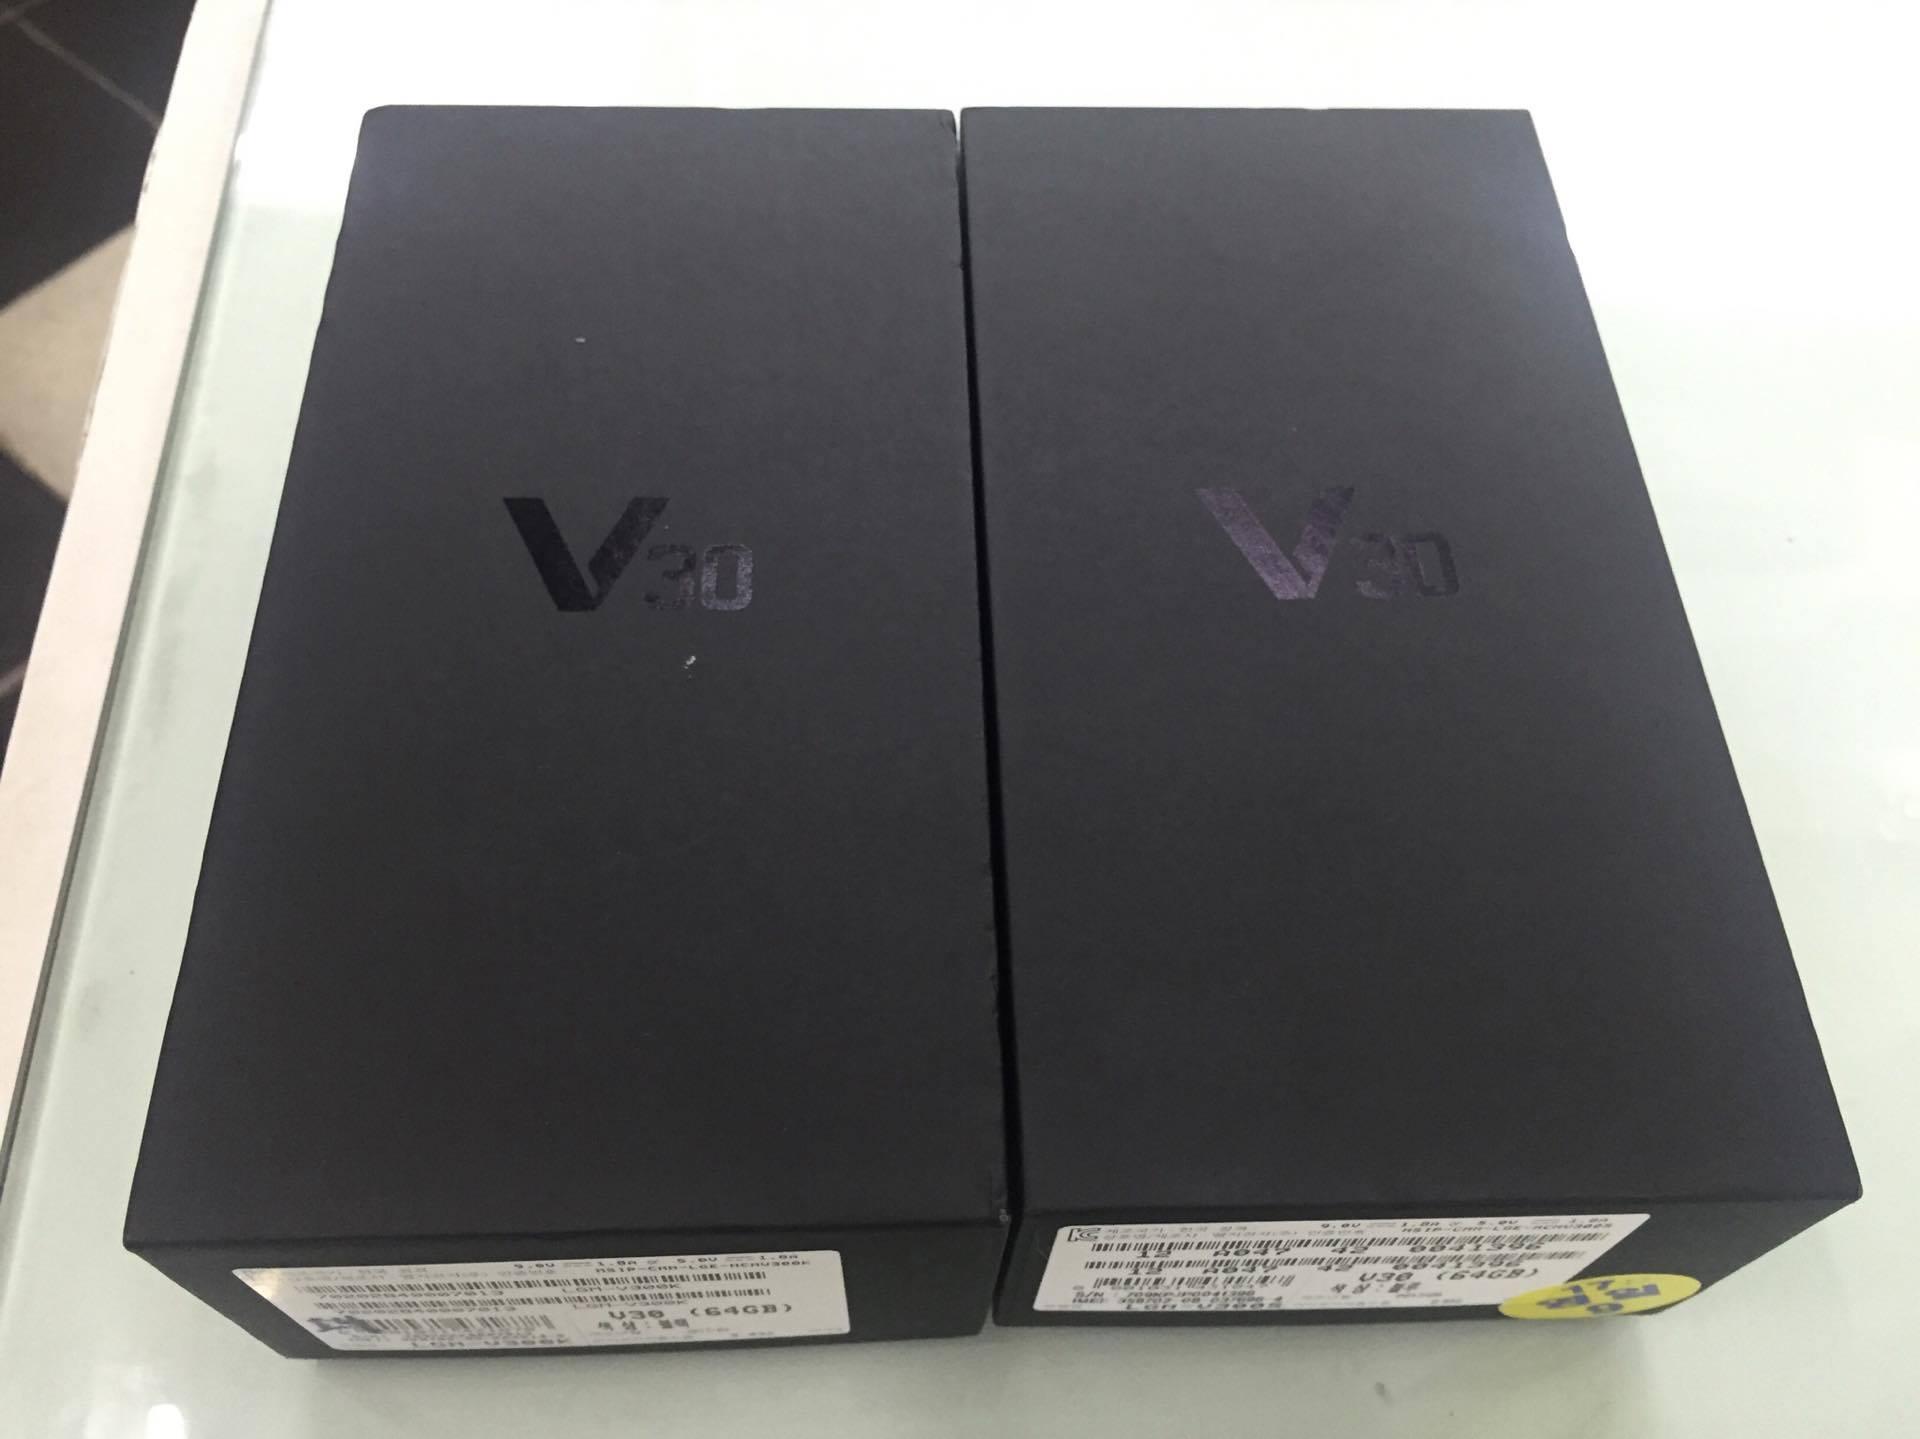 Điện thoại LG V30, LG V35 tại Minmobile Hải Phòng : giá 3.900k